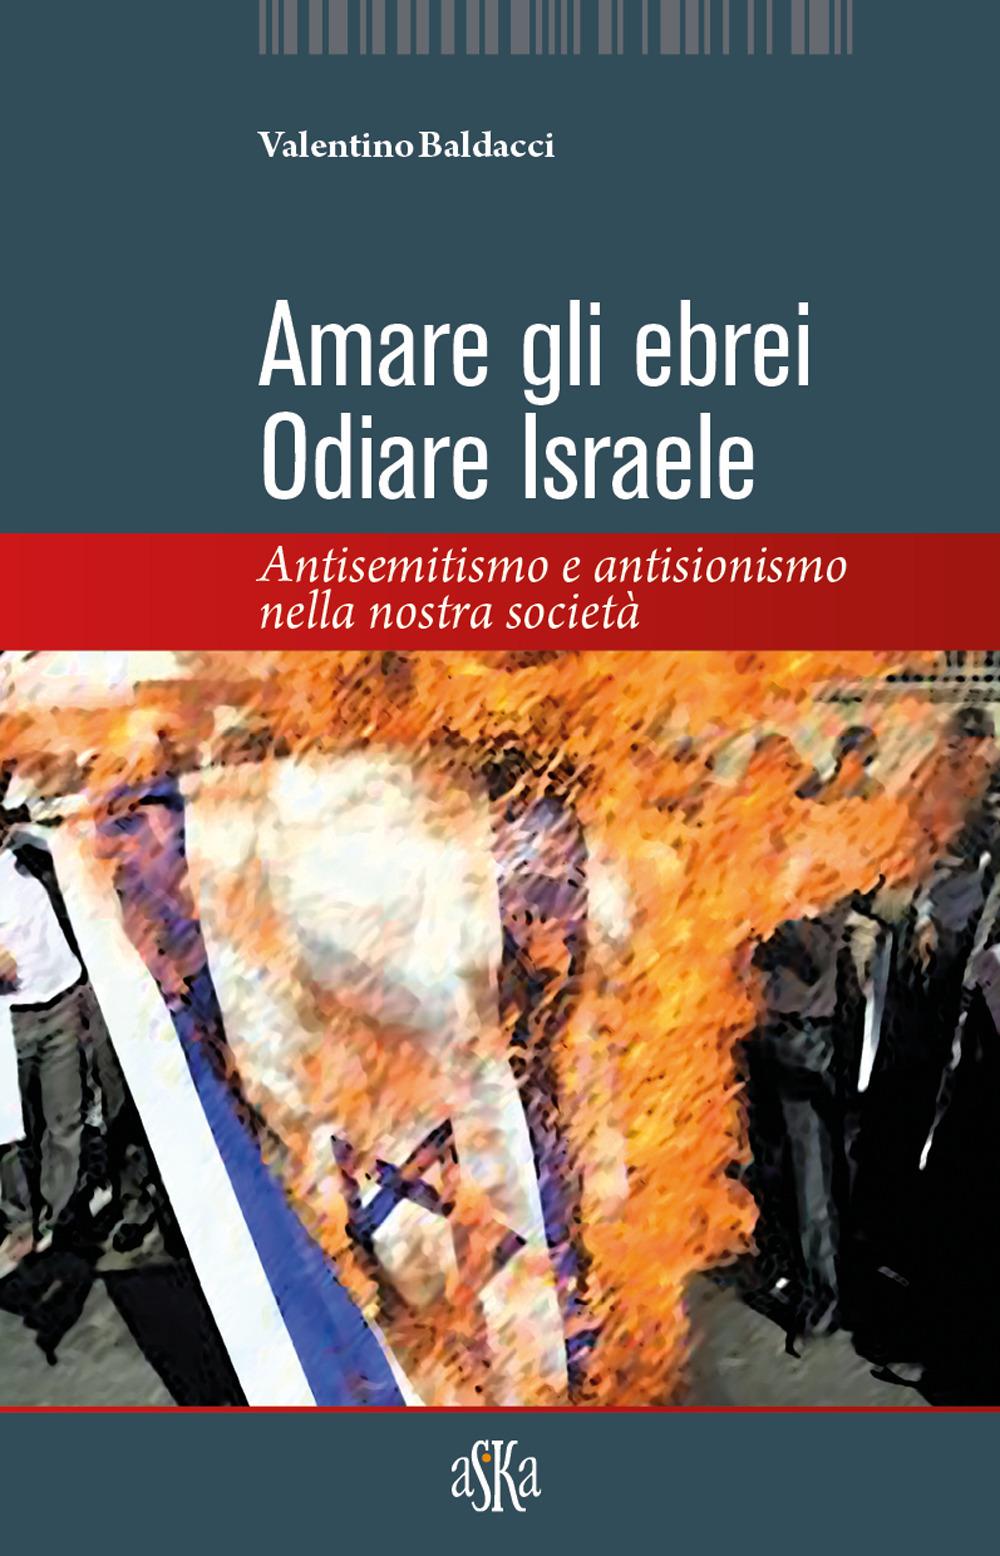 Amare gli ebrei, odiare Israele. Antisemitismo e antisionismo nella nostra società